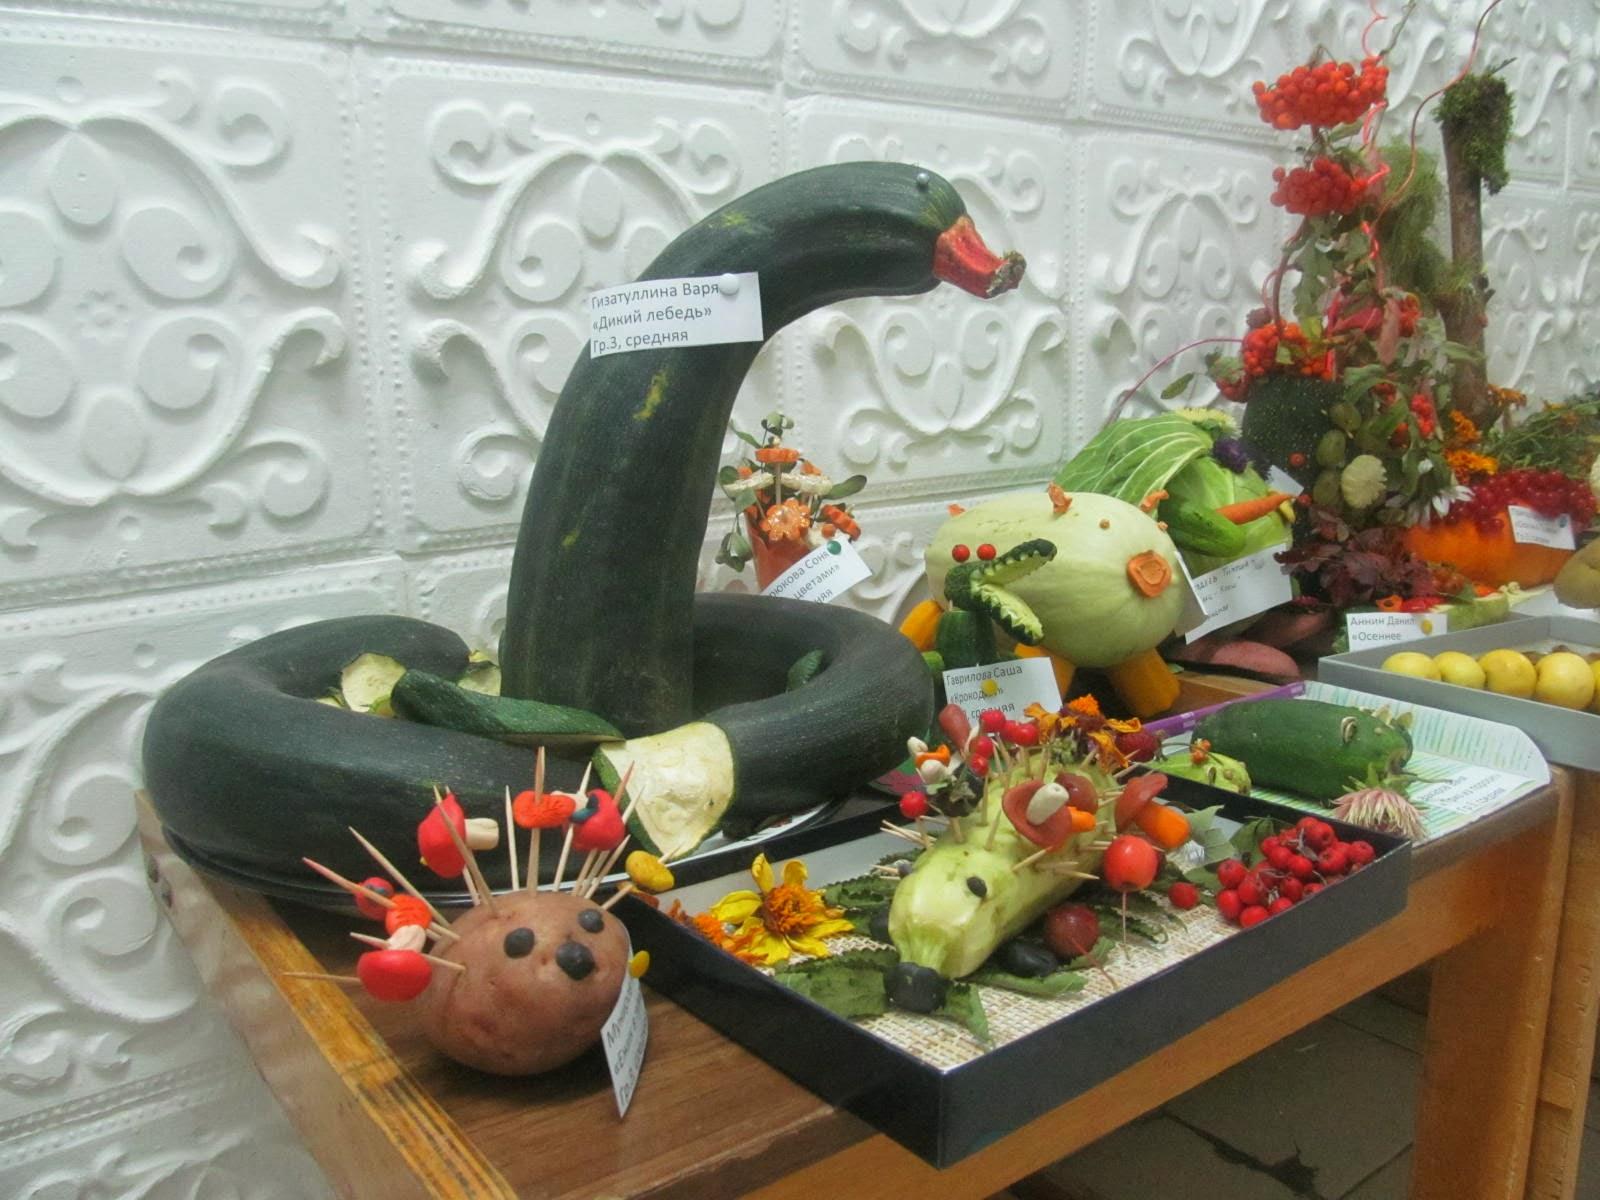 Из овощей лебедь поделки 61